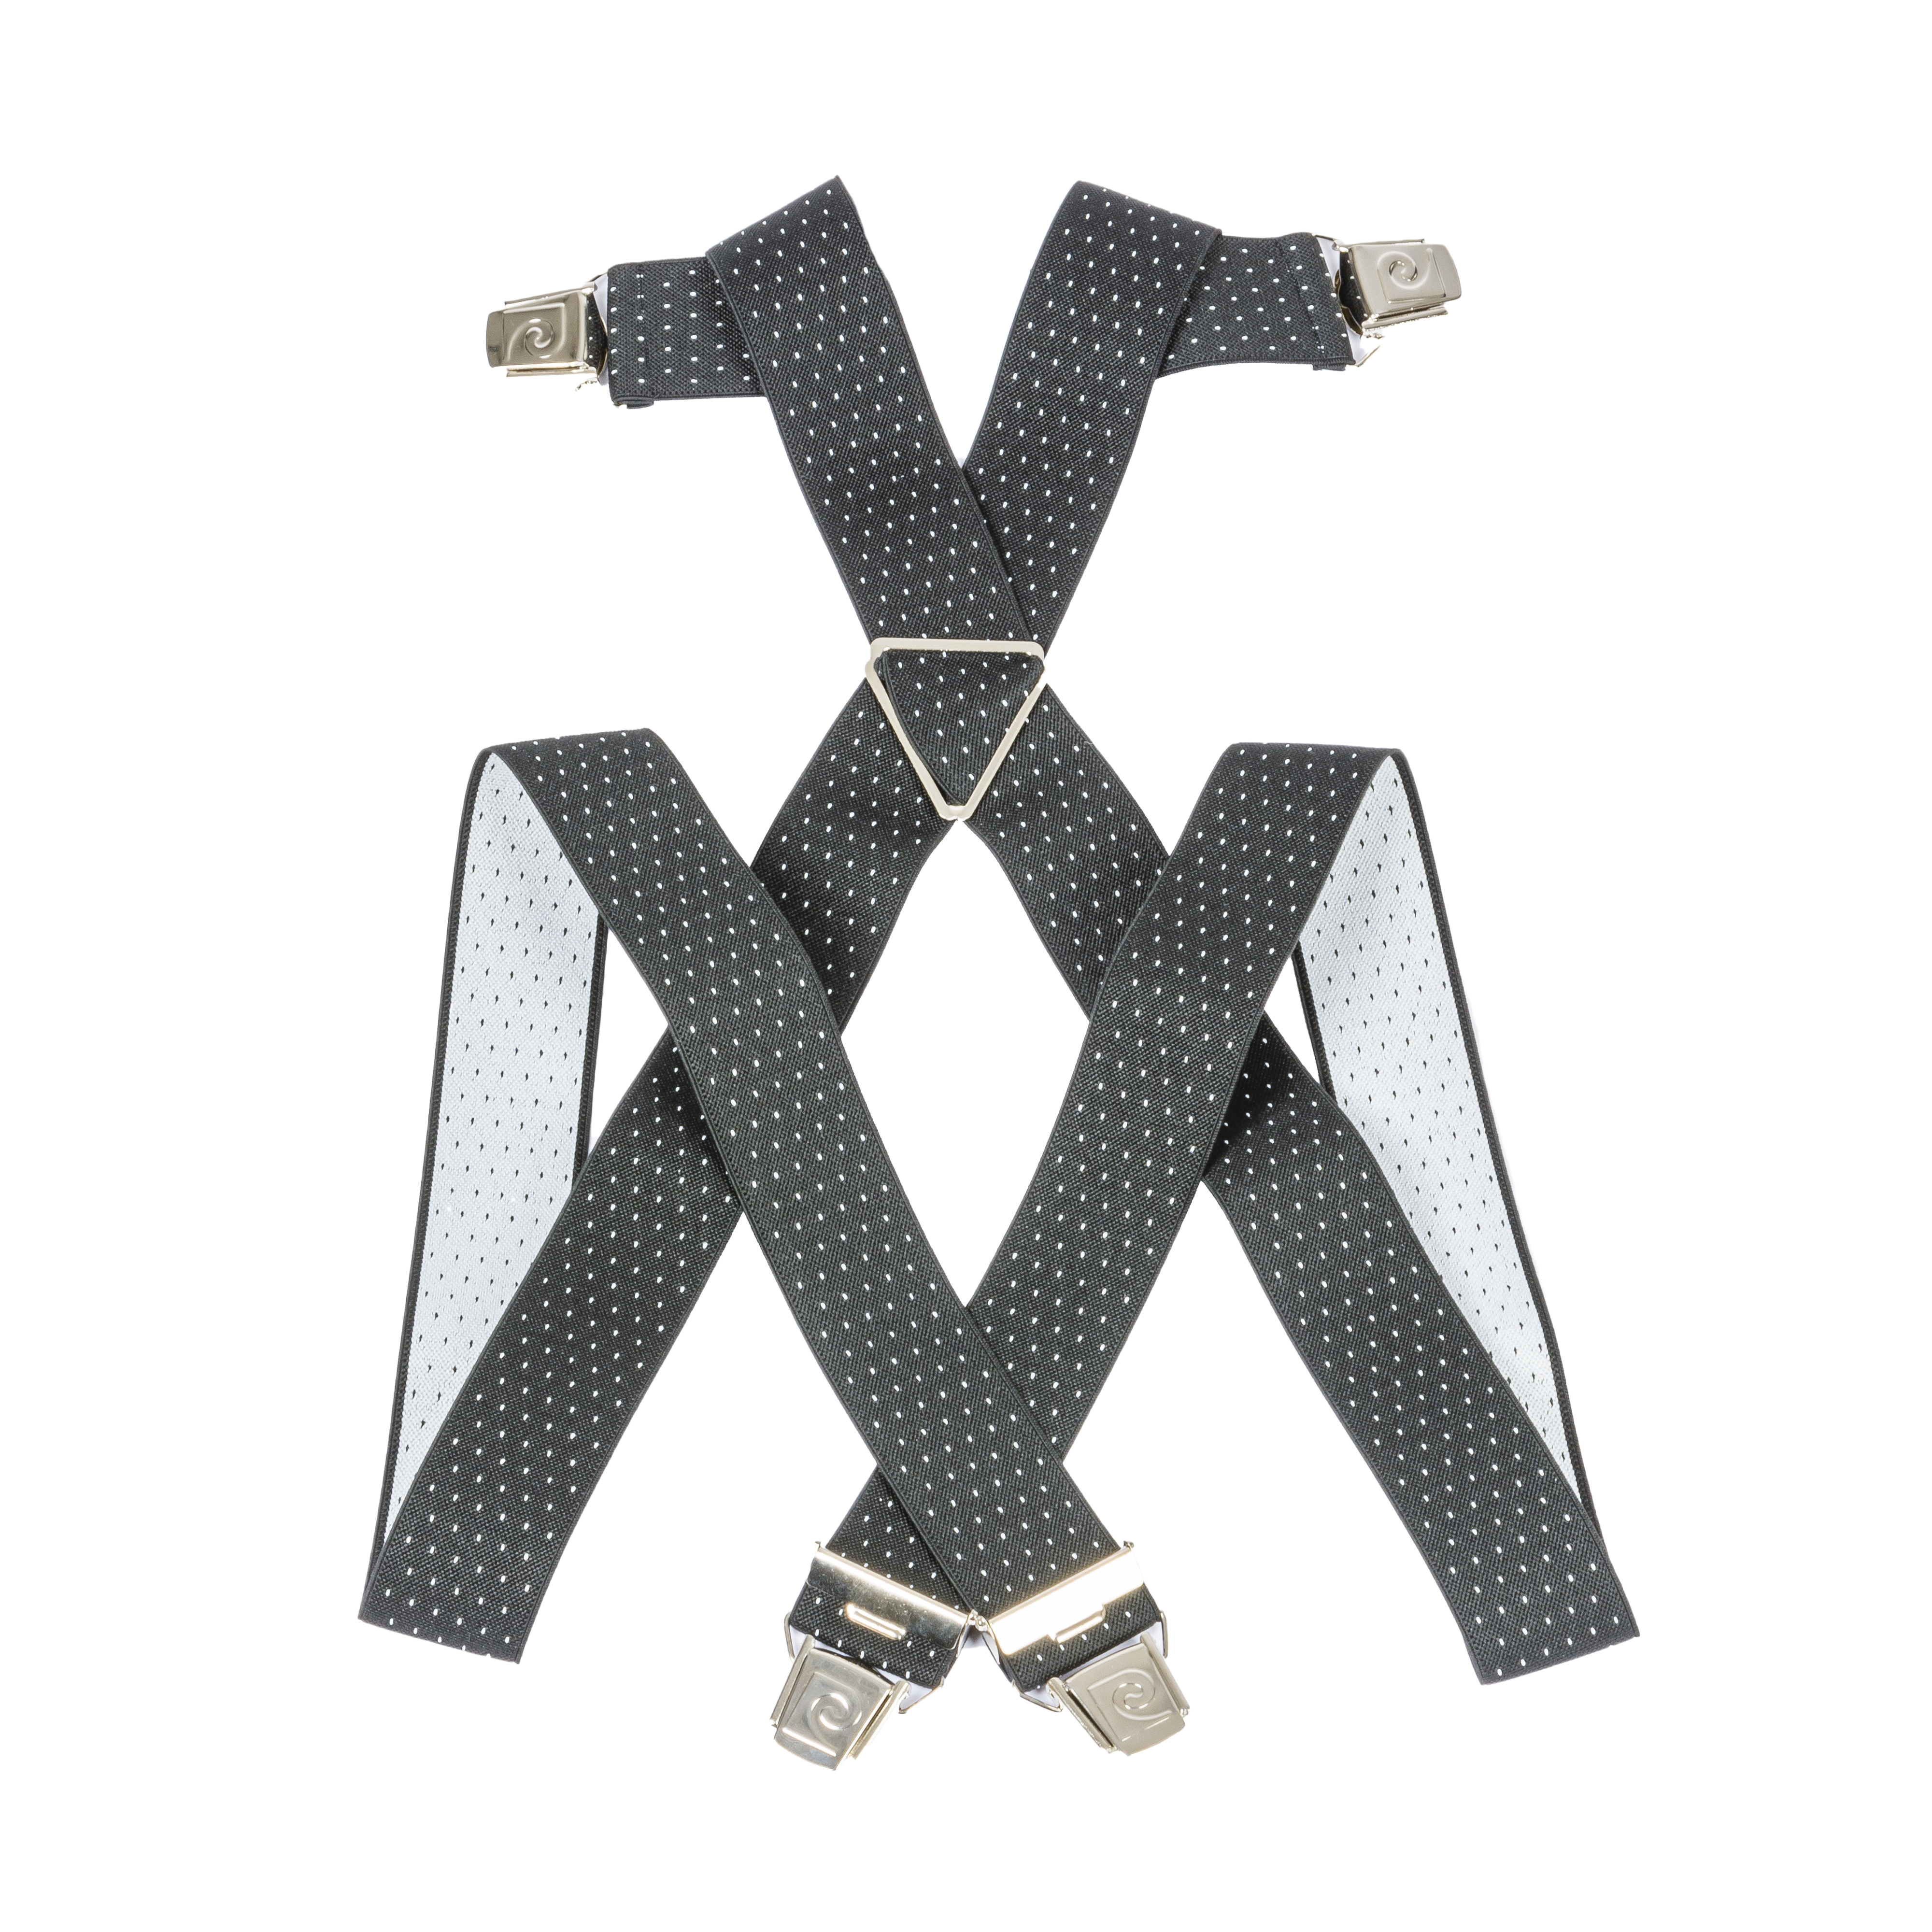 Bretelles pierre cardin noires à motifs blancs